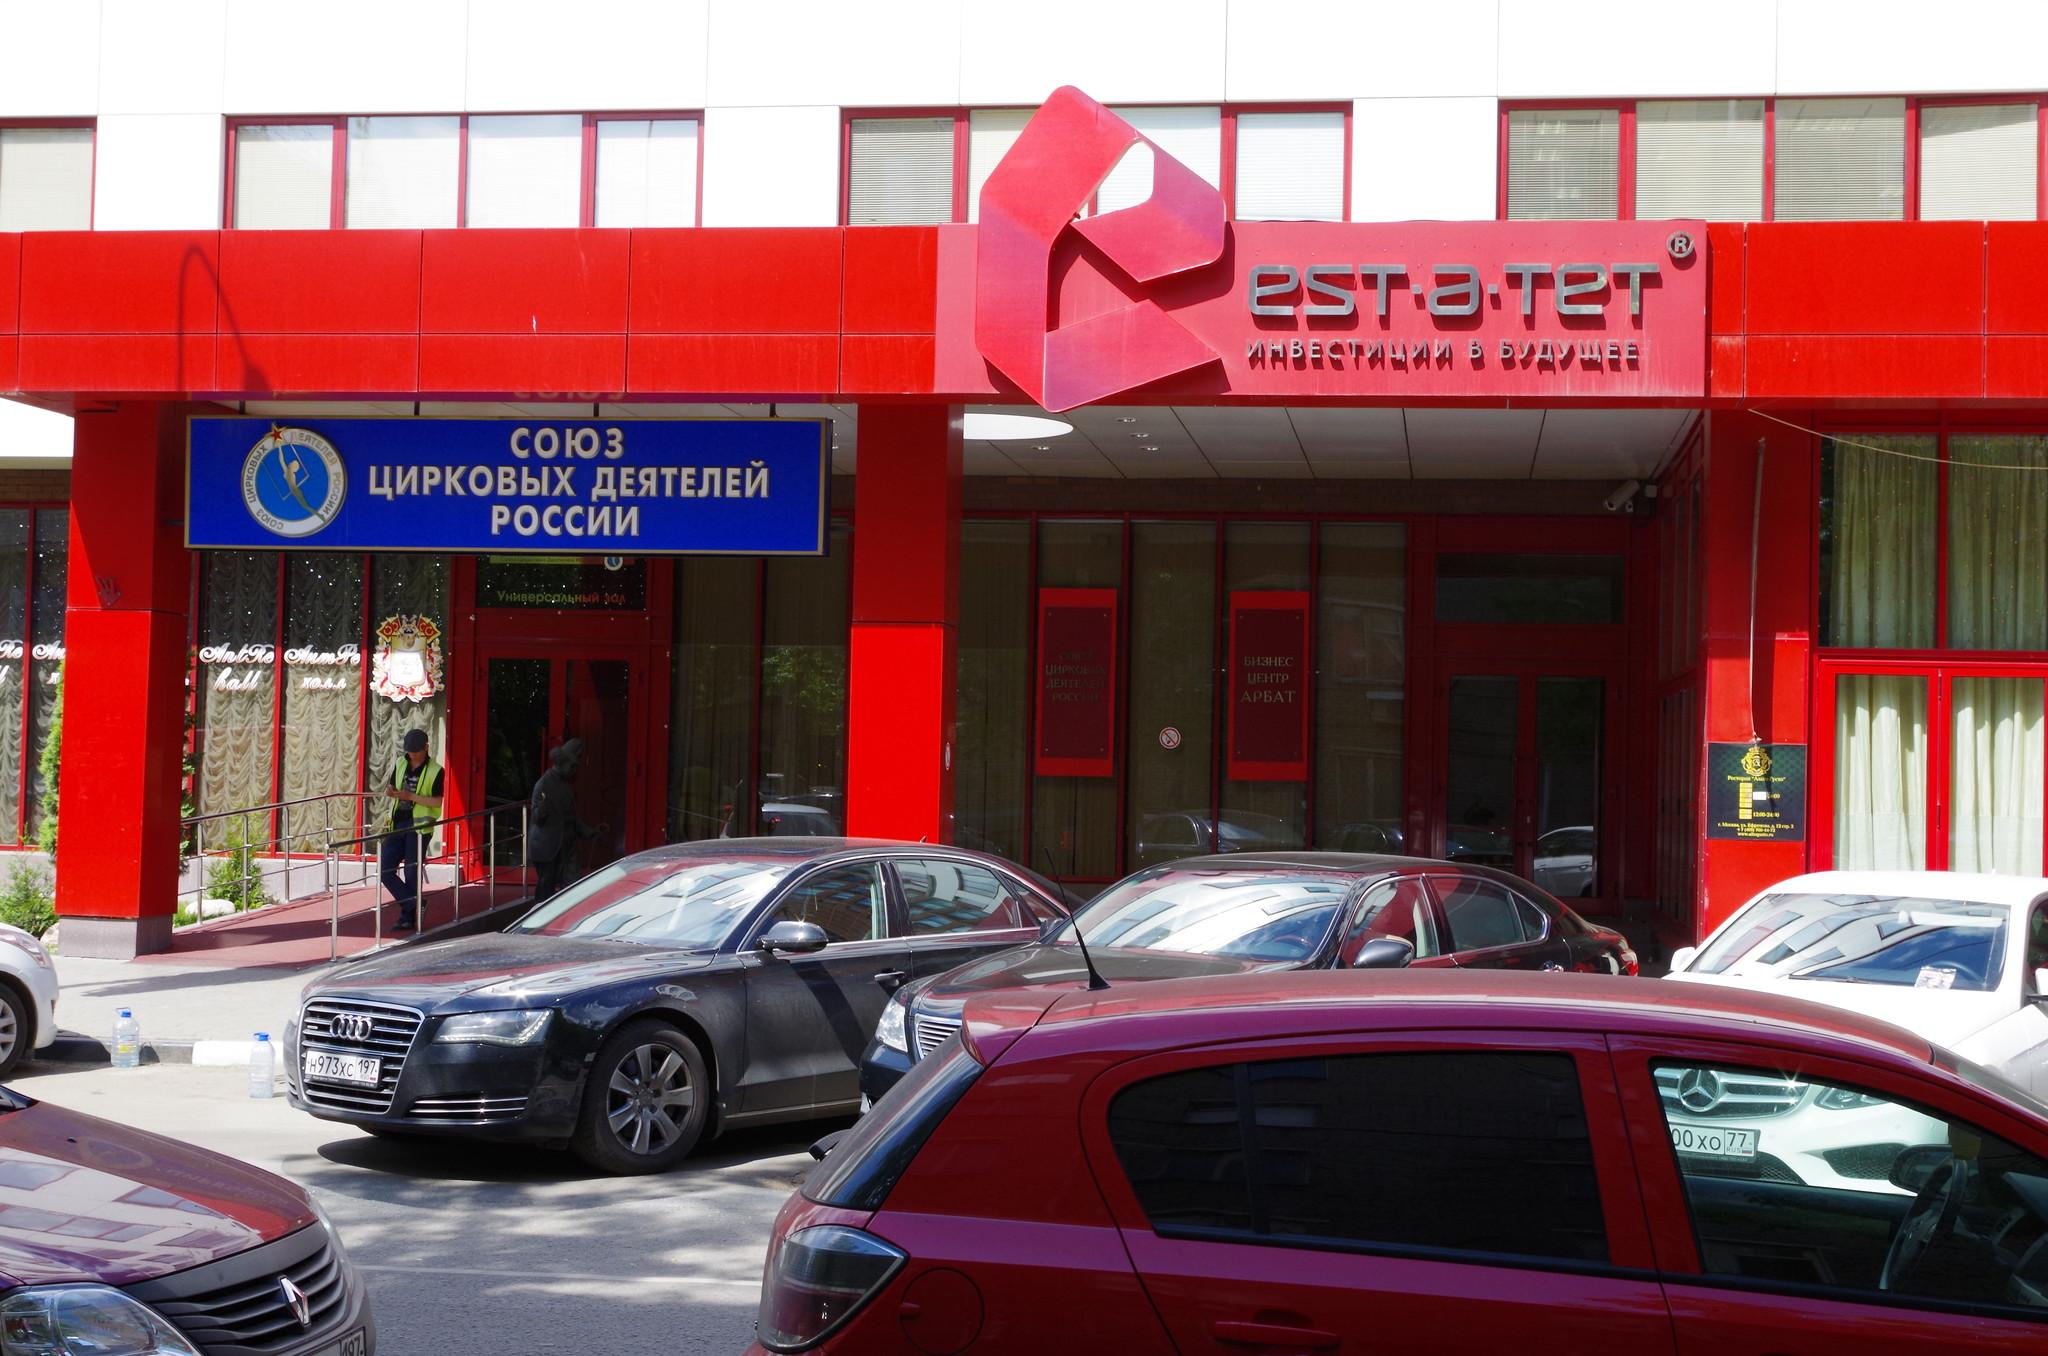 Союз цирковых деятелей России (улица Ефремова, дом 12, строение 2)